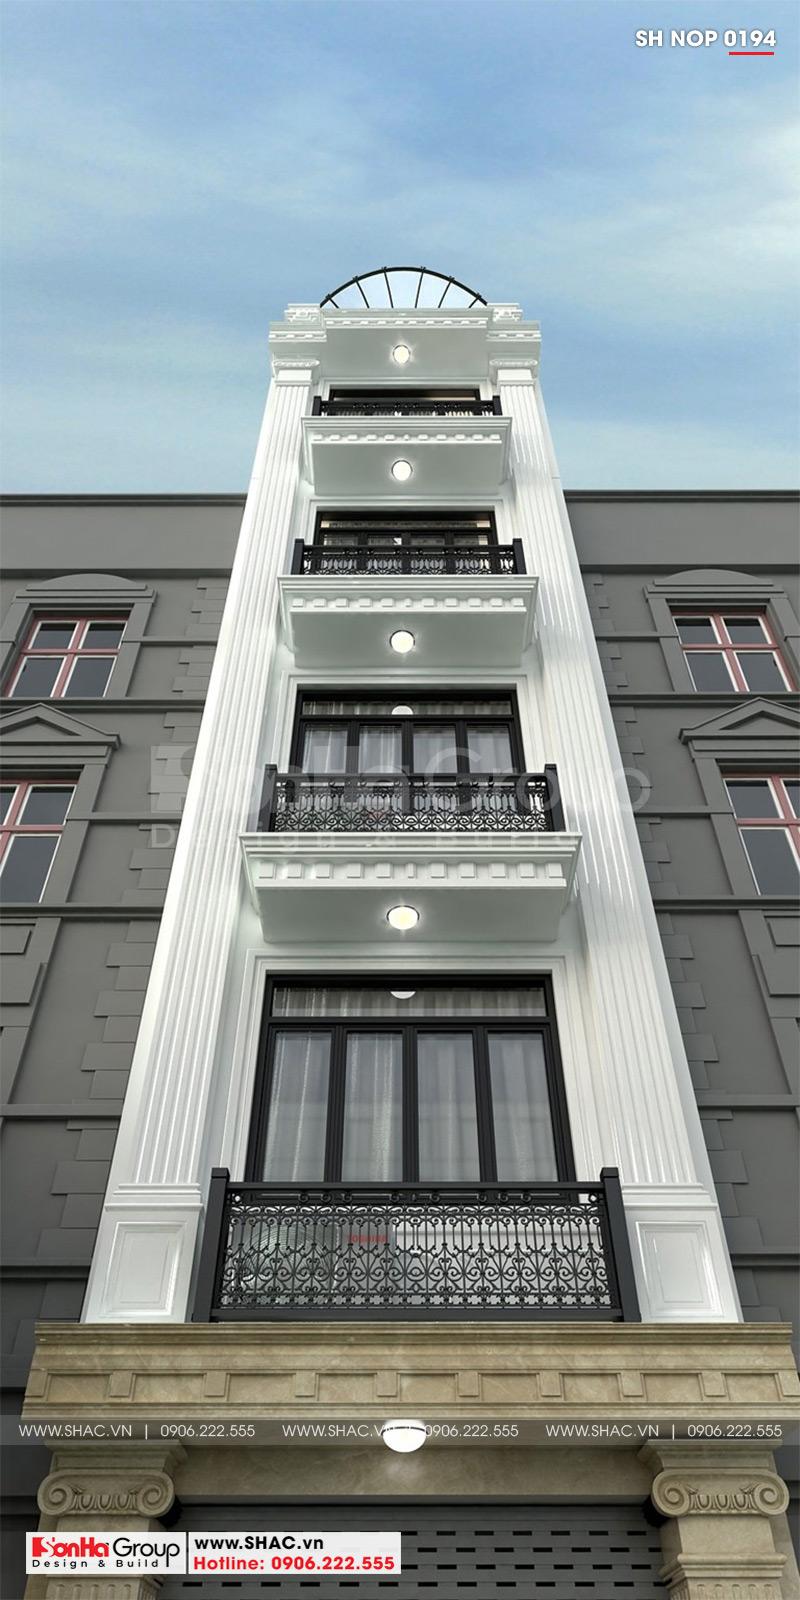 Mẫu mặt tiền nhà phố đẹp phong cách tân cổ điển 6 tầng kết hợp kinh doanh